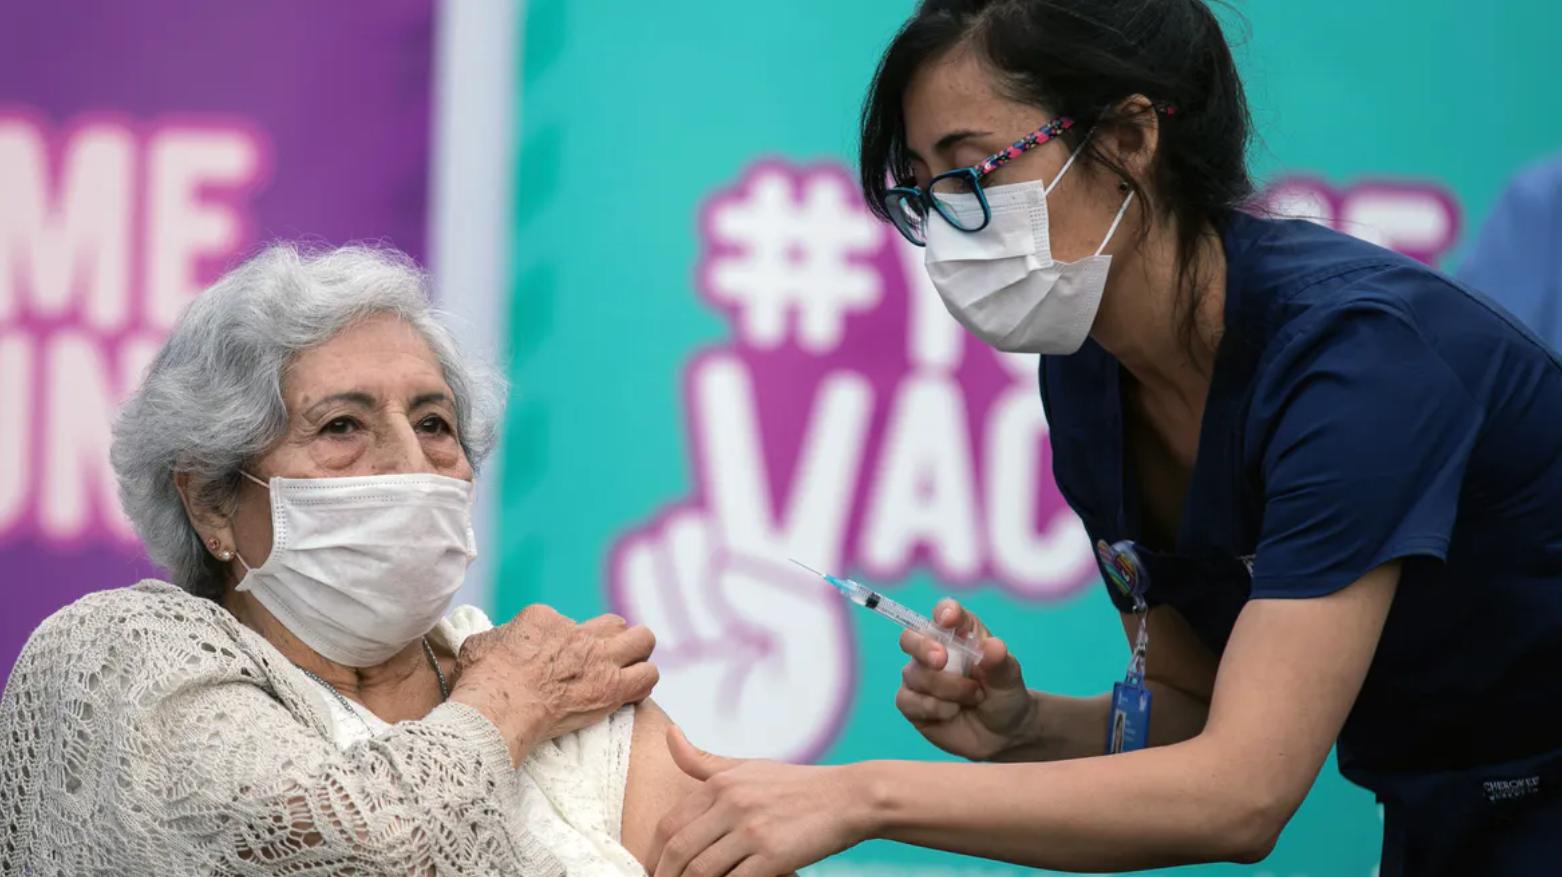 Coronavirus: Chile supera los dos millones de vacunados contra el COVID-19; Perú evalúa vender vacunas a través del sector privado